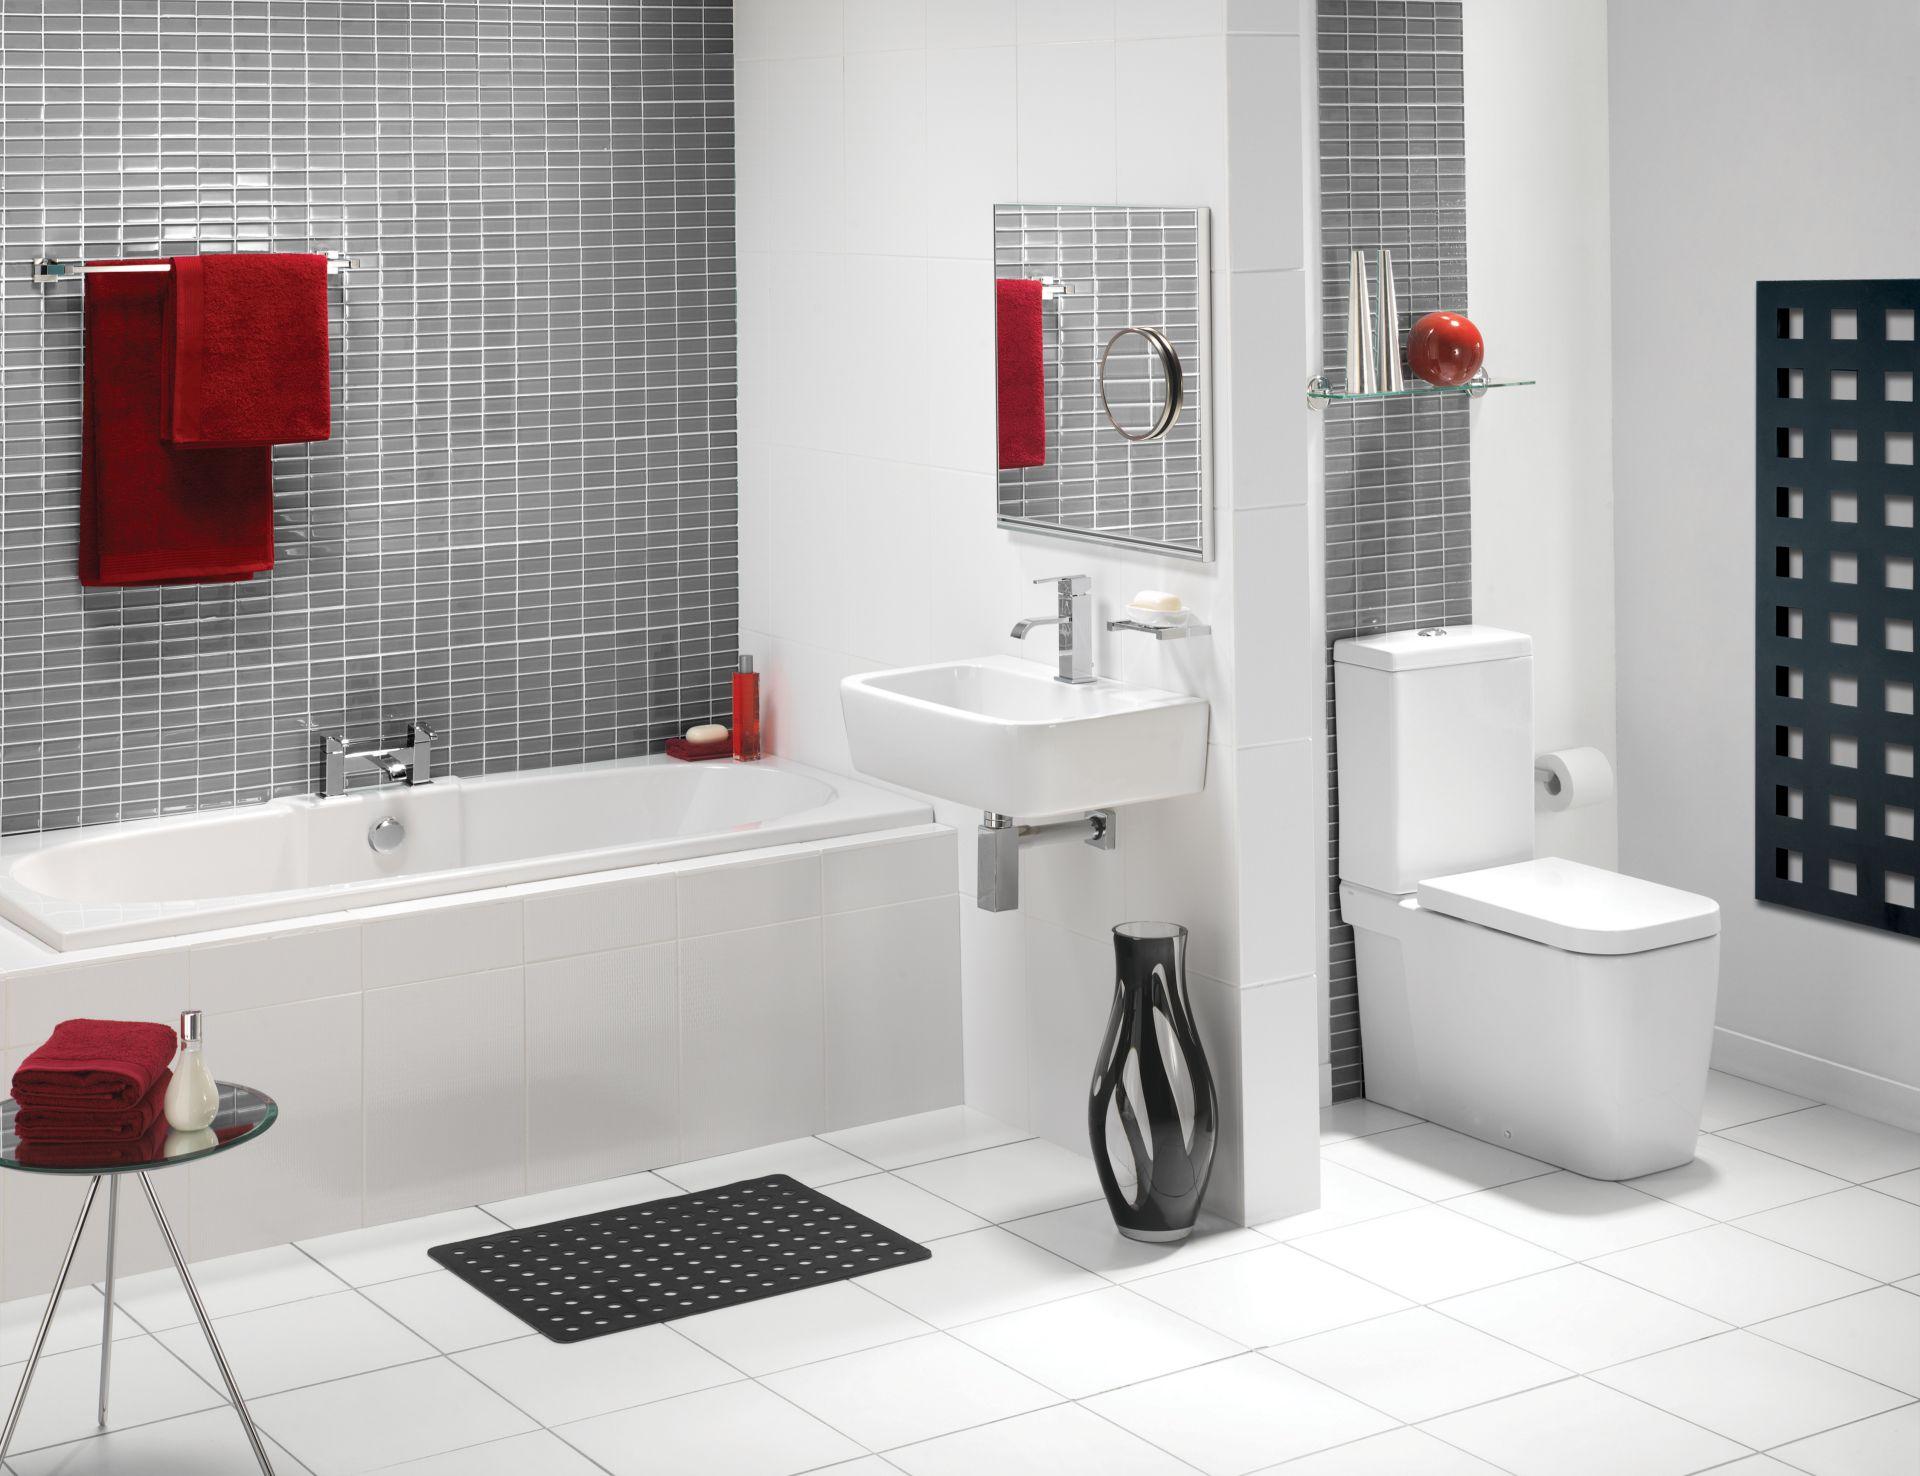 Дизайн ванной комнаты панелями 2017-2018 современные